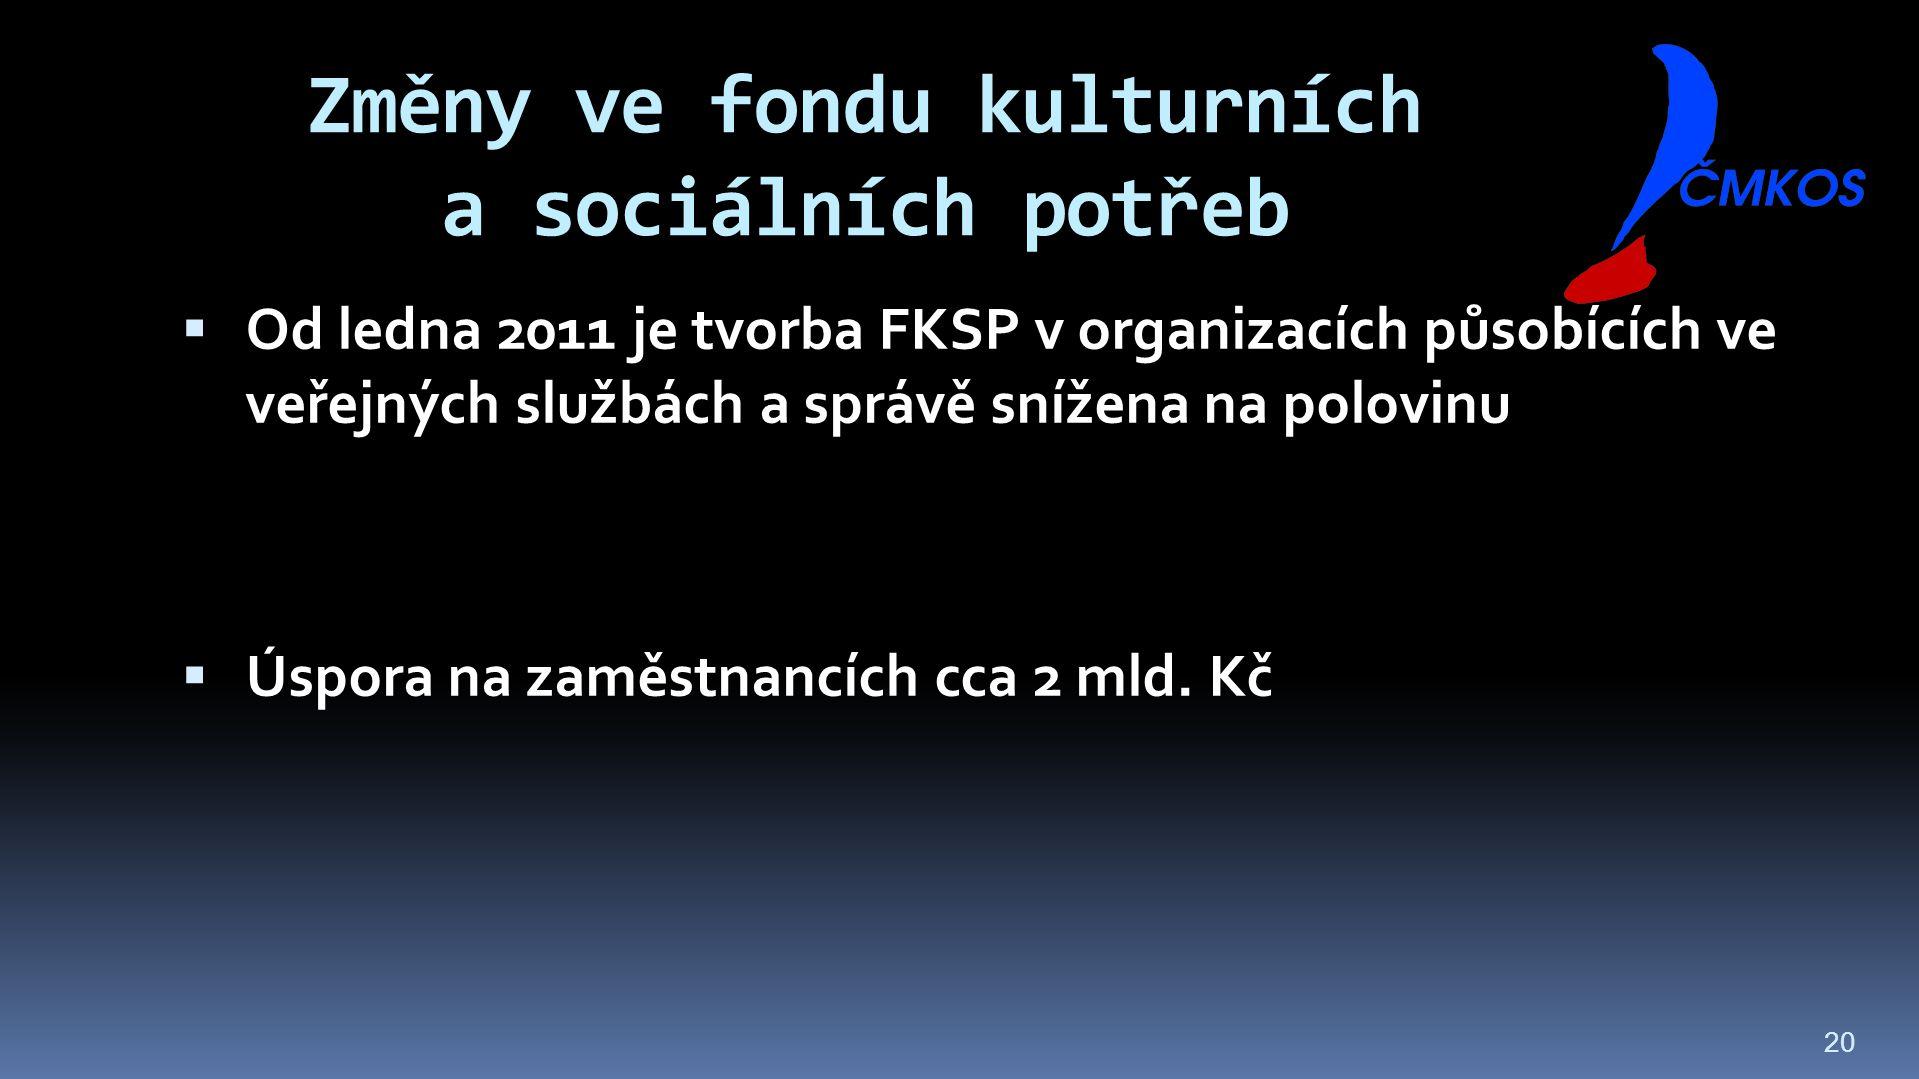 20 Změny ve fondu kulturních a sociálních potřeb  Od ledna 2011 je tvorba FKSP v organizacích působících ve veřejných službách a správě snížena na polovinu  Úspora na zaměstnancích cca 2 mld.